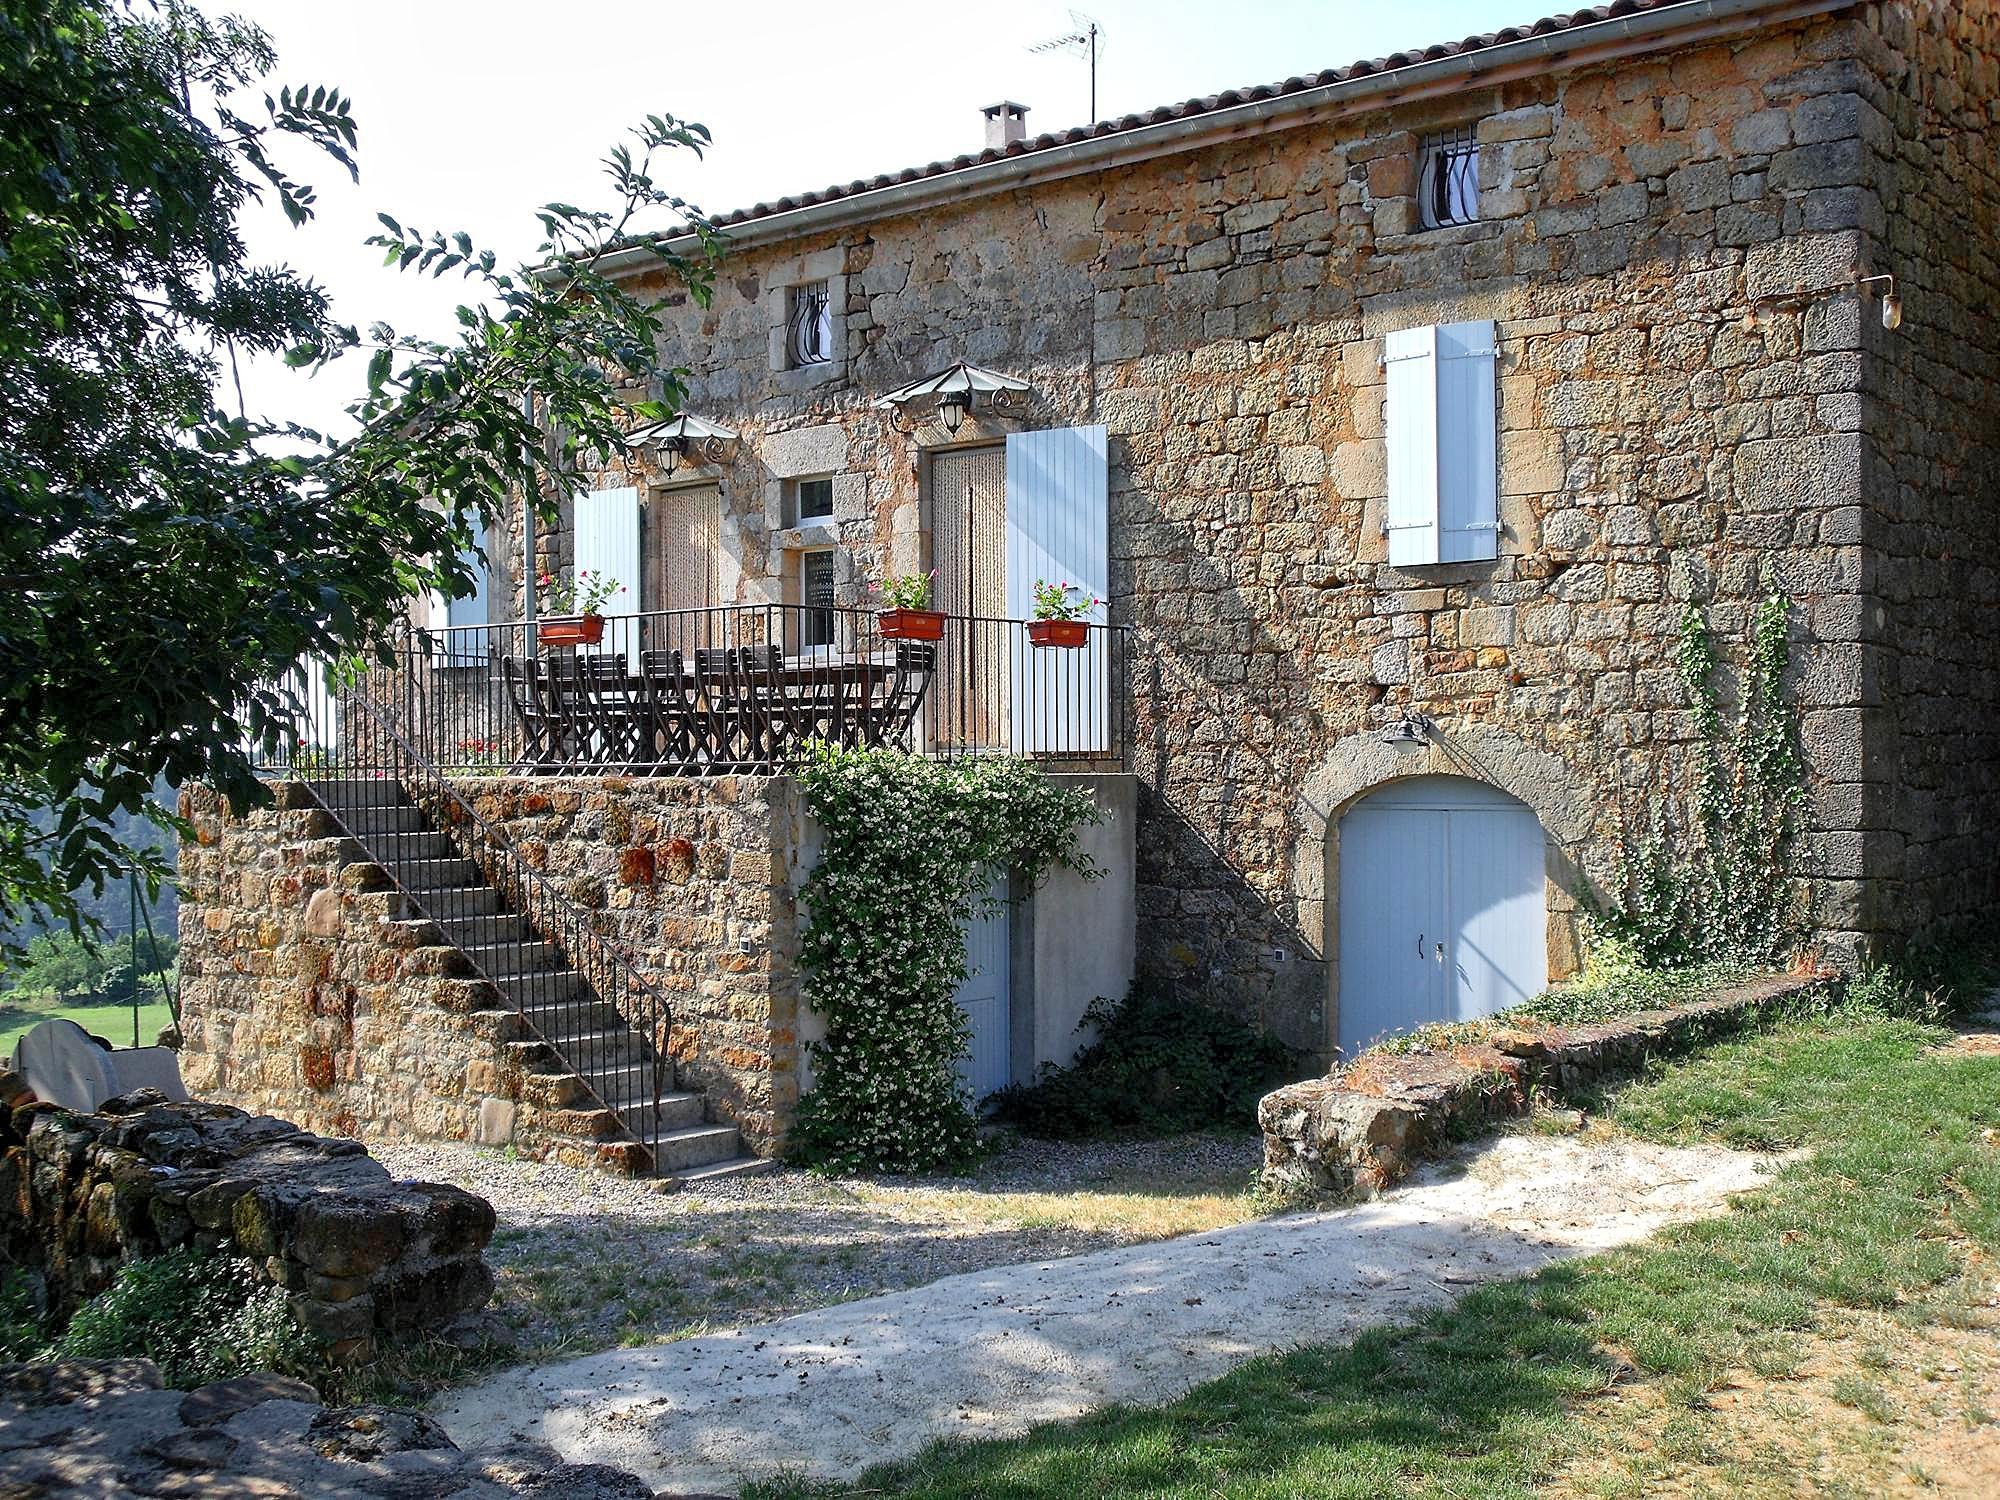 Vakantiehuis in Sanilhac met zwembad, in Provence-Cote d'Azur.